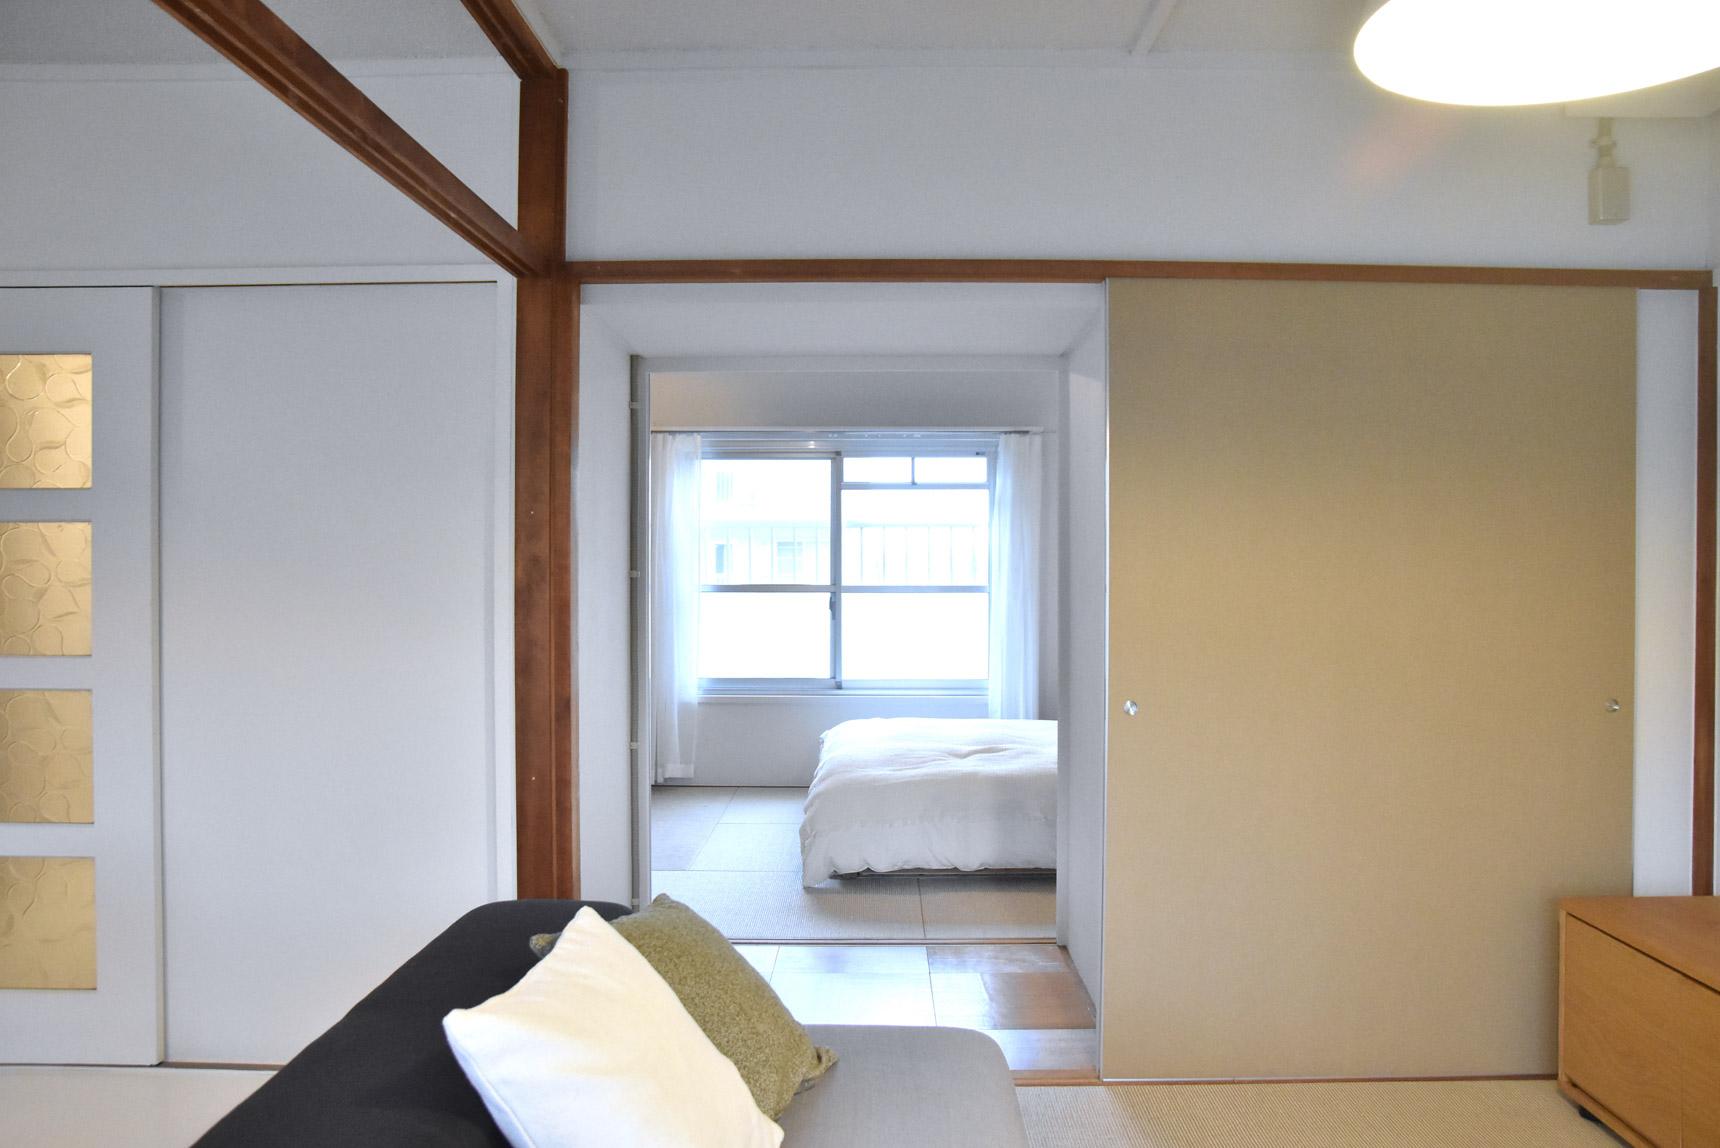 そして、寝室との間にあった押入れを一部撤去して、回遊できるようにしたことも大きなポイント。風や光が抜けて、開放感のあるお部屋になっています。